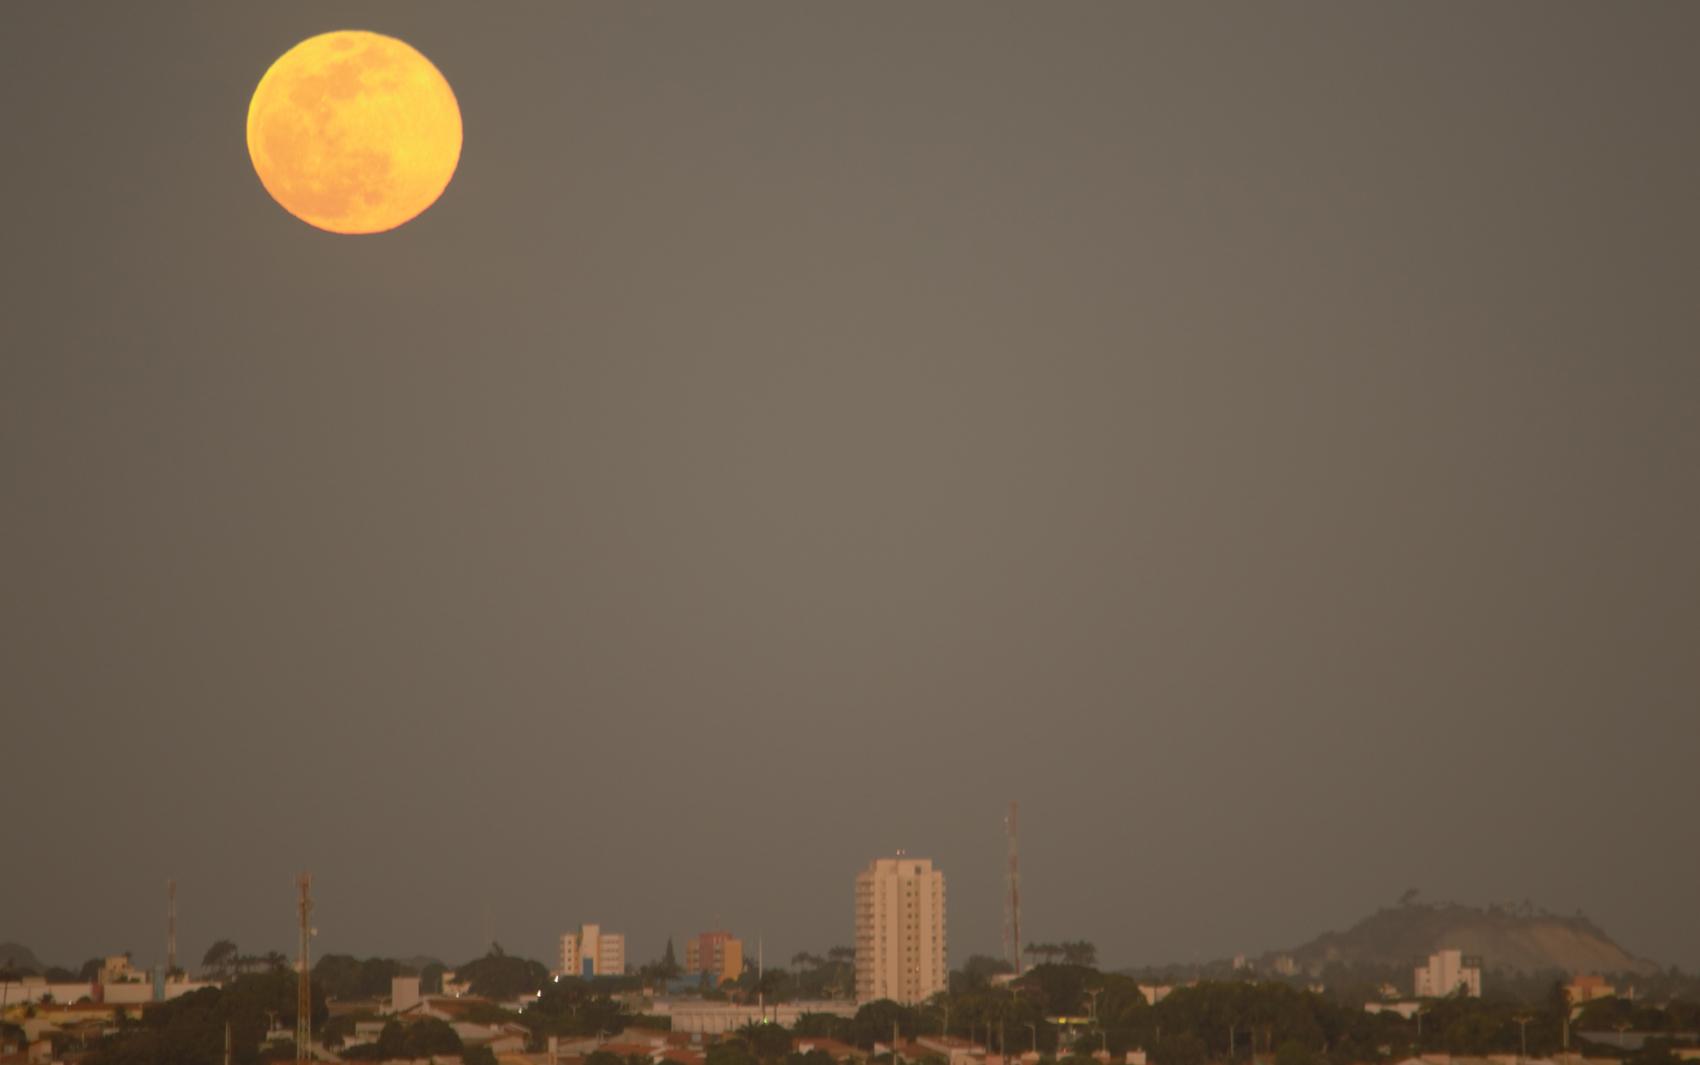 Lua vista em Fortaleza (CE)